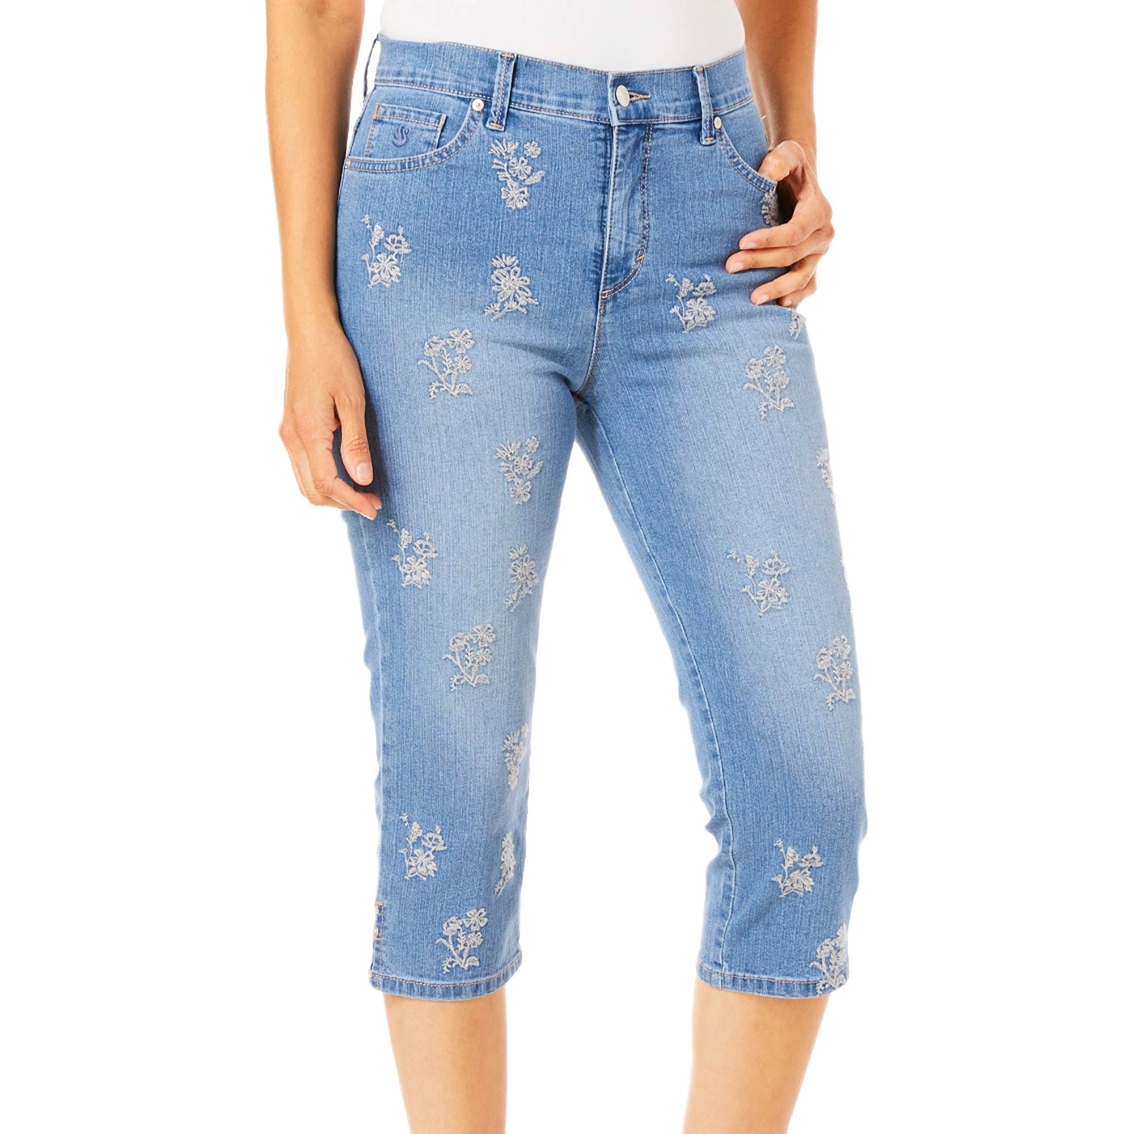 7dab398997815e Gloria Vanderbilt Amanda Floral Embroidered Capri Pants | Jeans ...